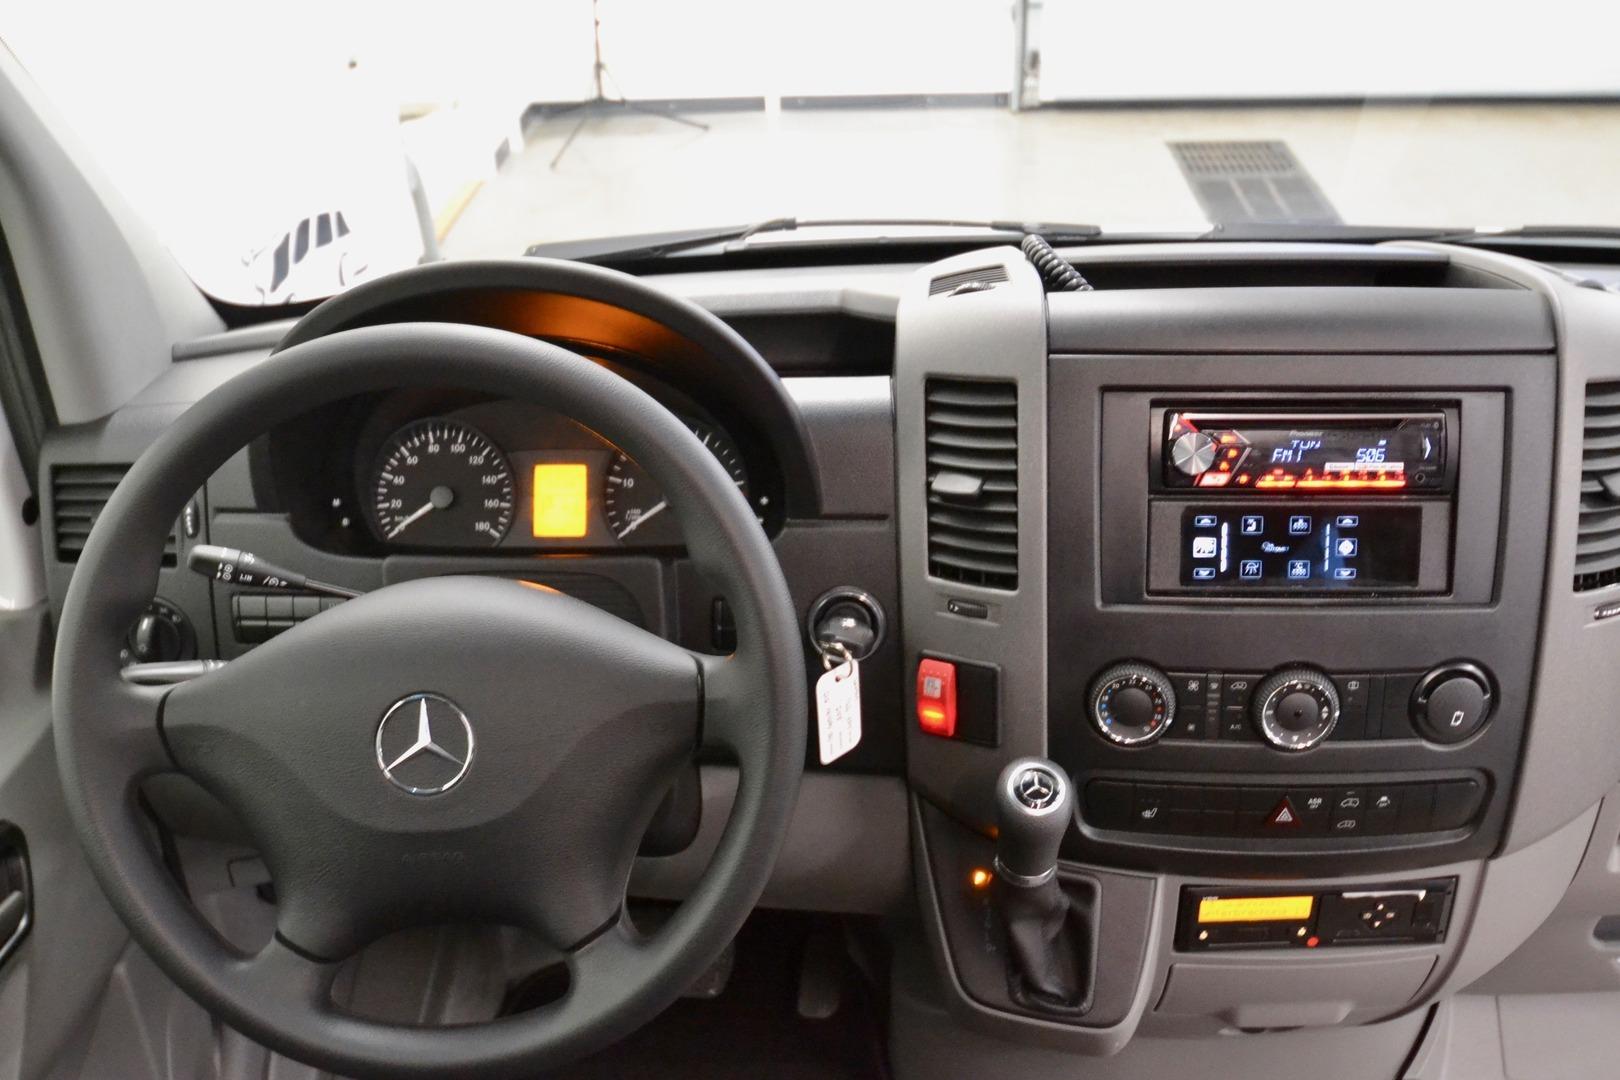 Mercedes-Benz Sprinter, 519 CDI Automet Jumbo